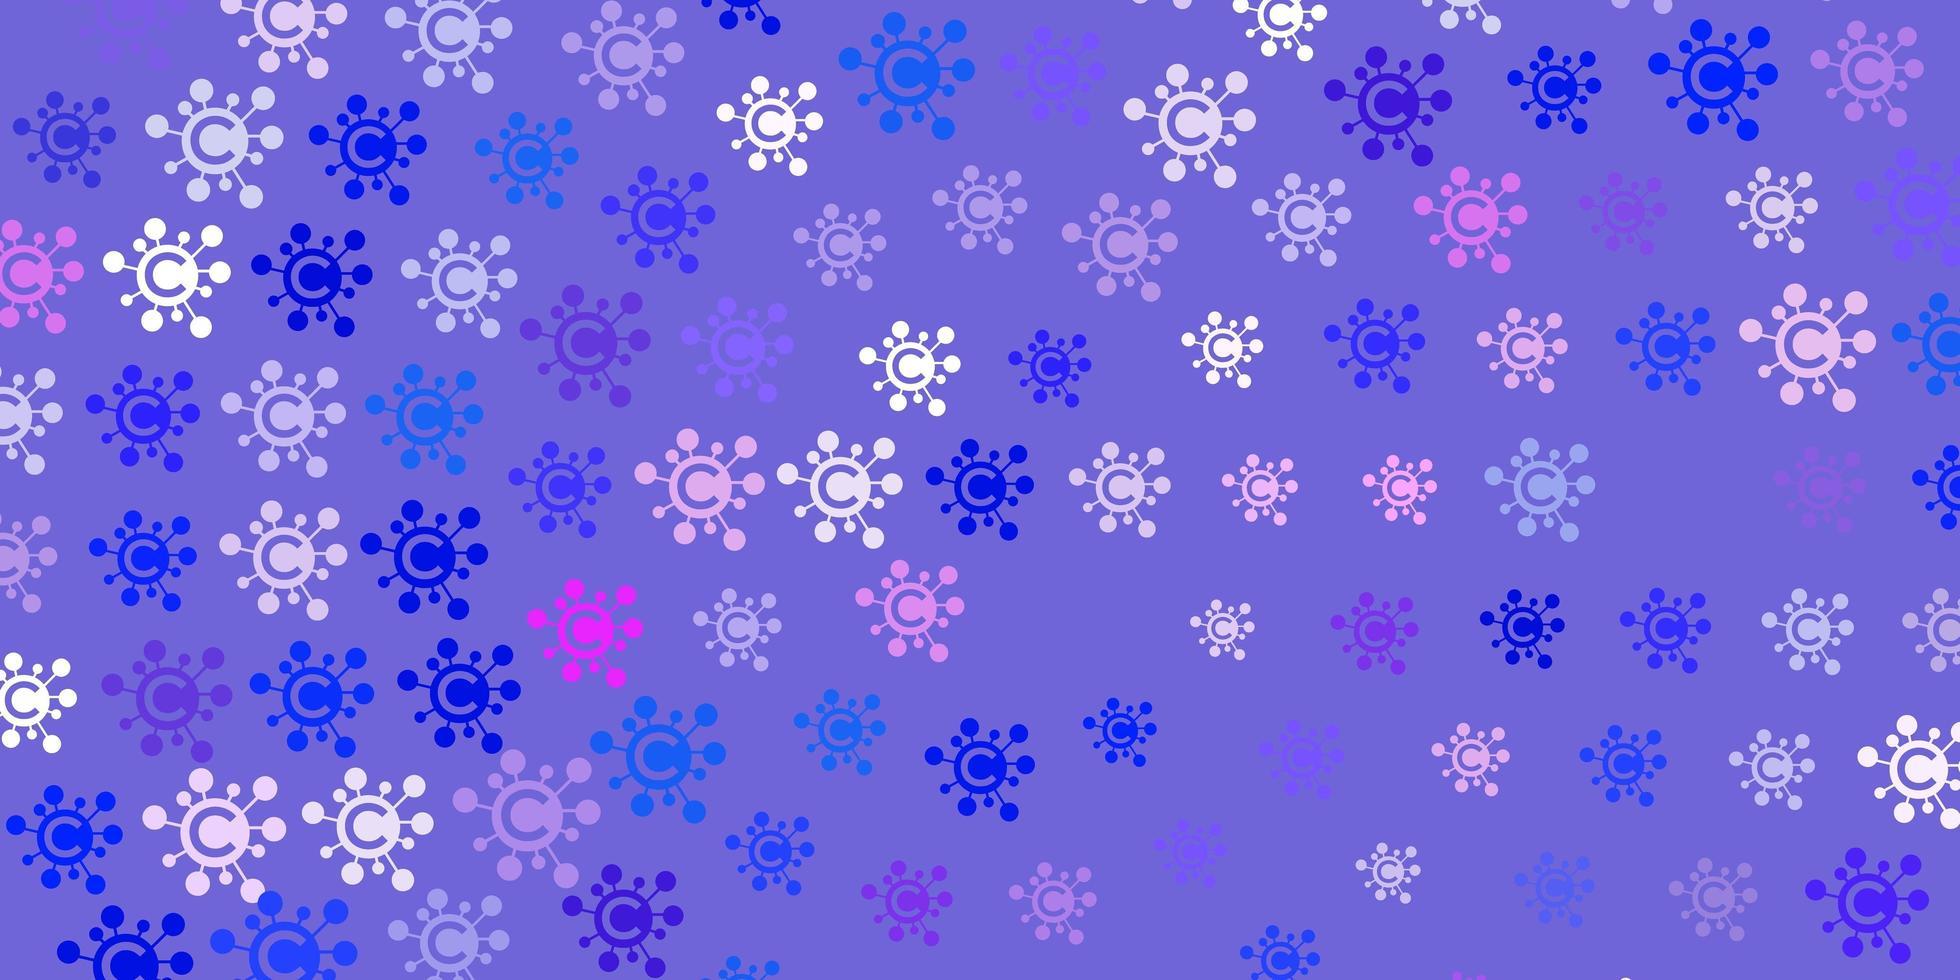 modello vettoriale rosa chiaro, blu con segni di influenza.